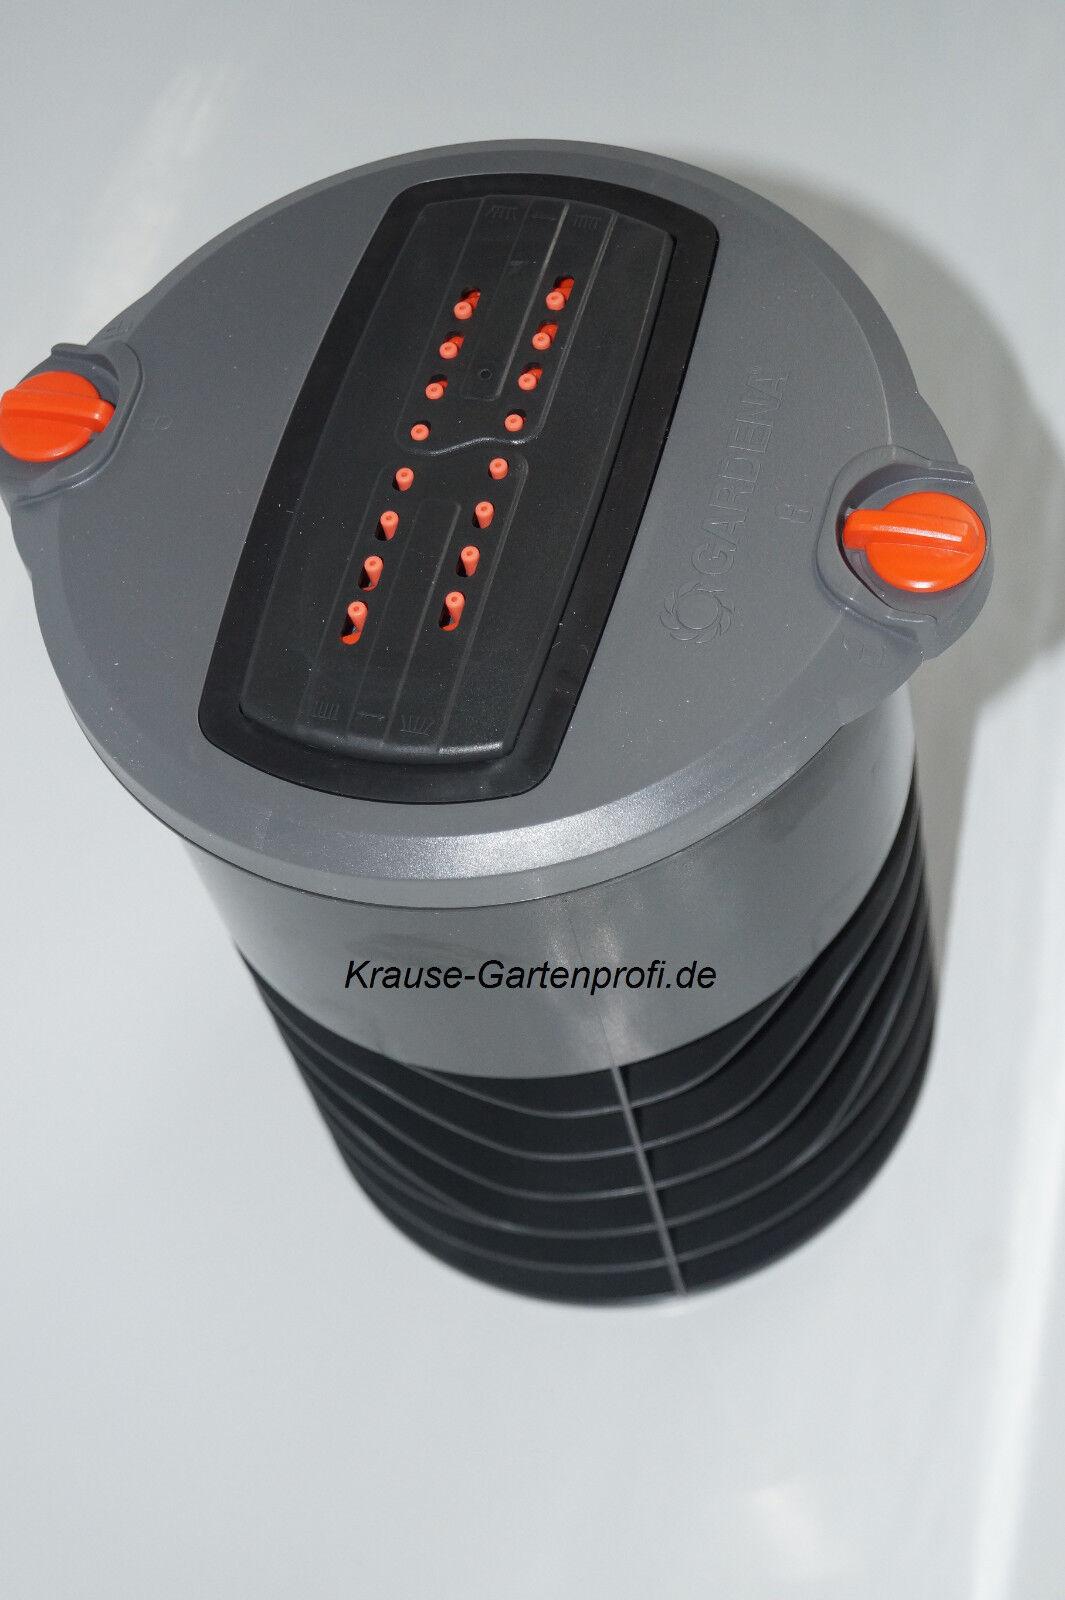 GARDENA Versenk-Viereckregner OS140, 8220, L-Stück Deckel, Schacht, Mini-Regner